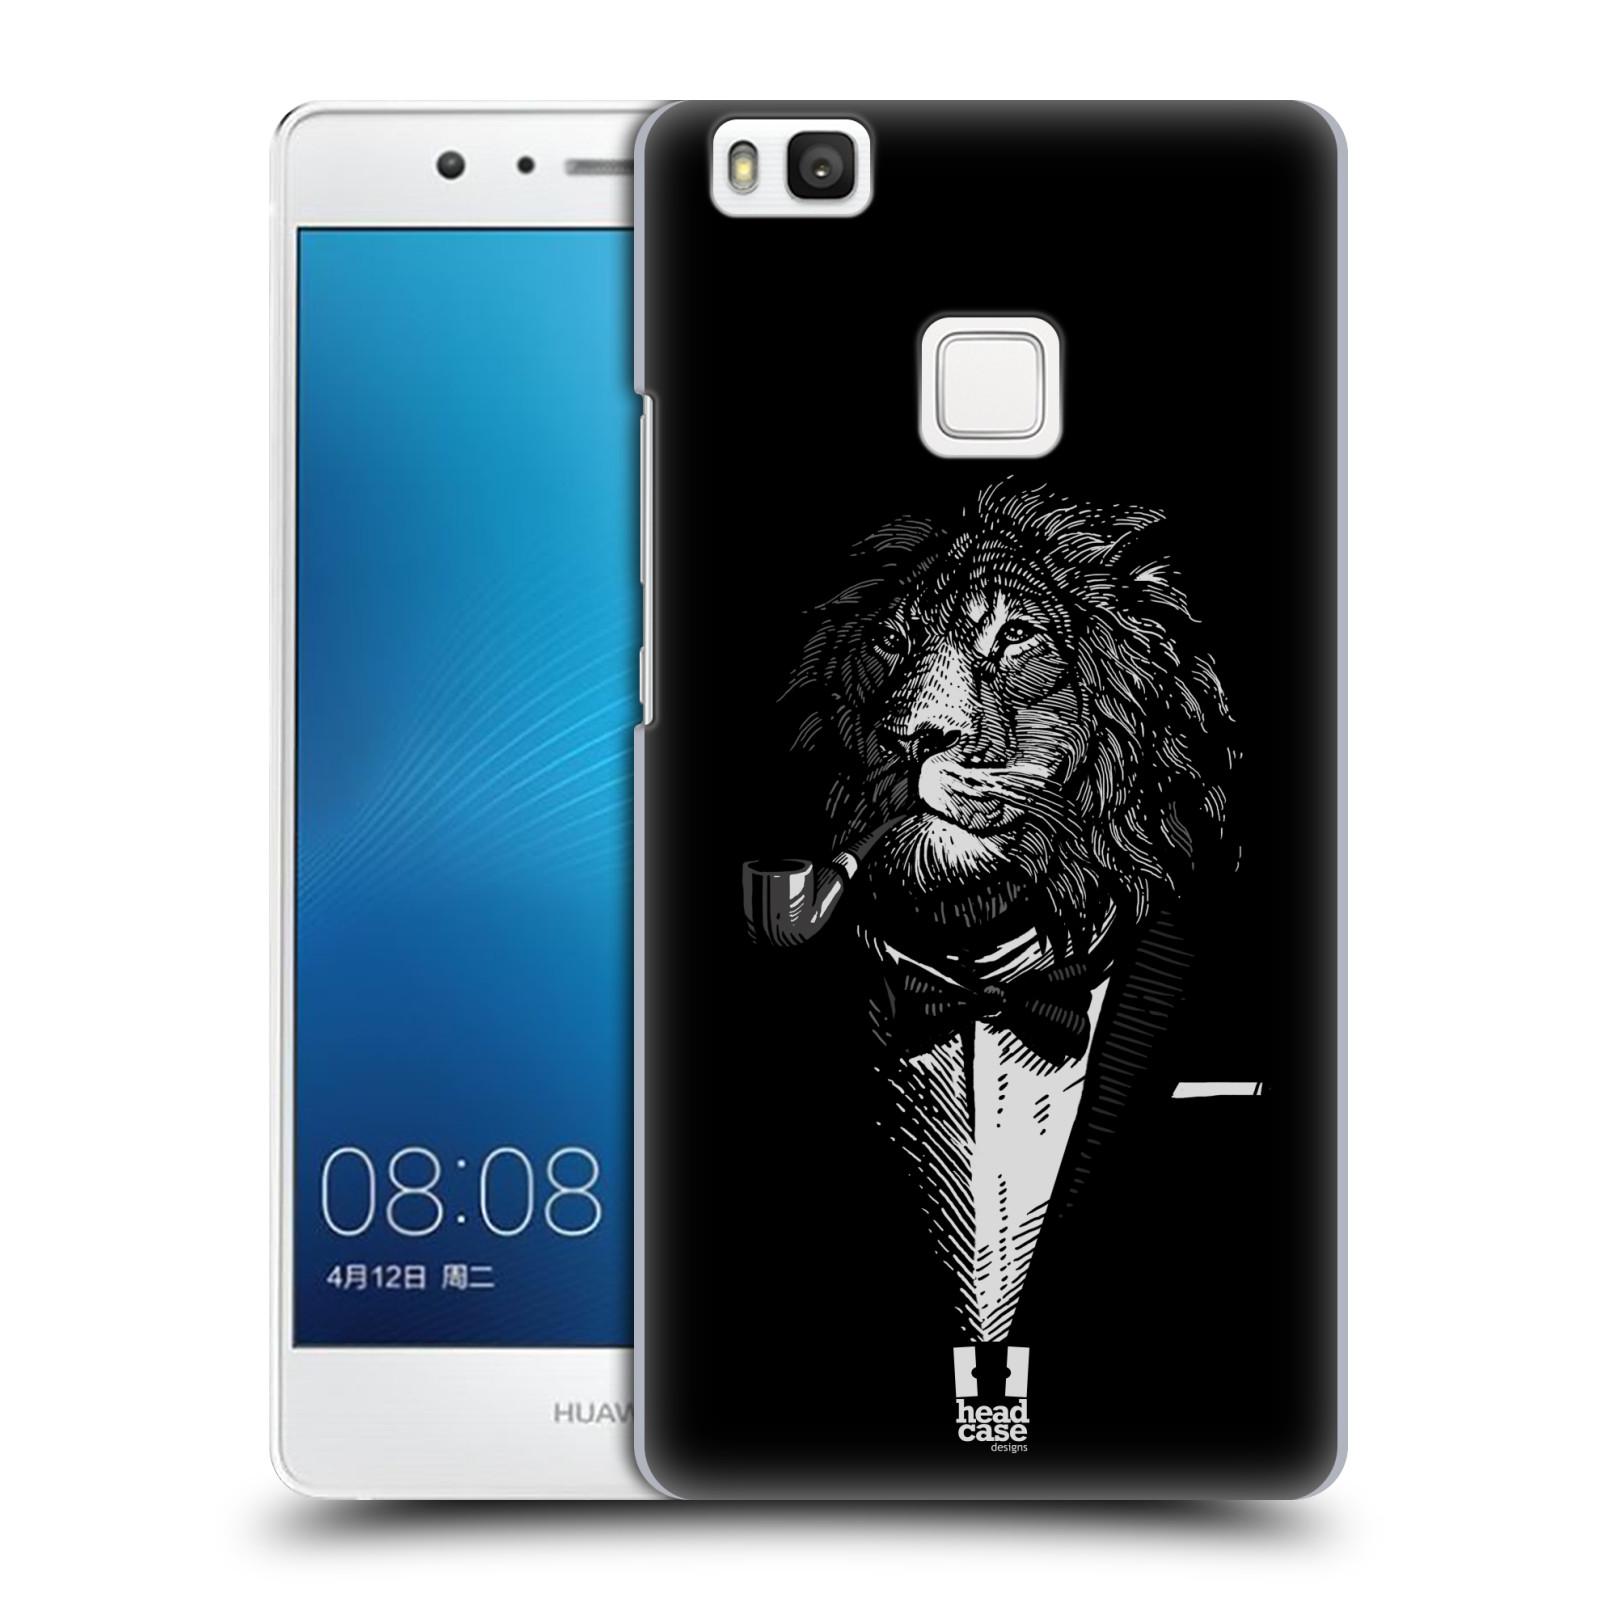 HEAD CASE plastový obal na mobil Huawei P9 LITE / P9 LITE DUAL SIM vzor Zvíře v obleku lev